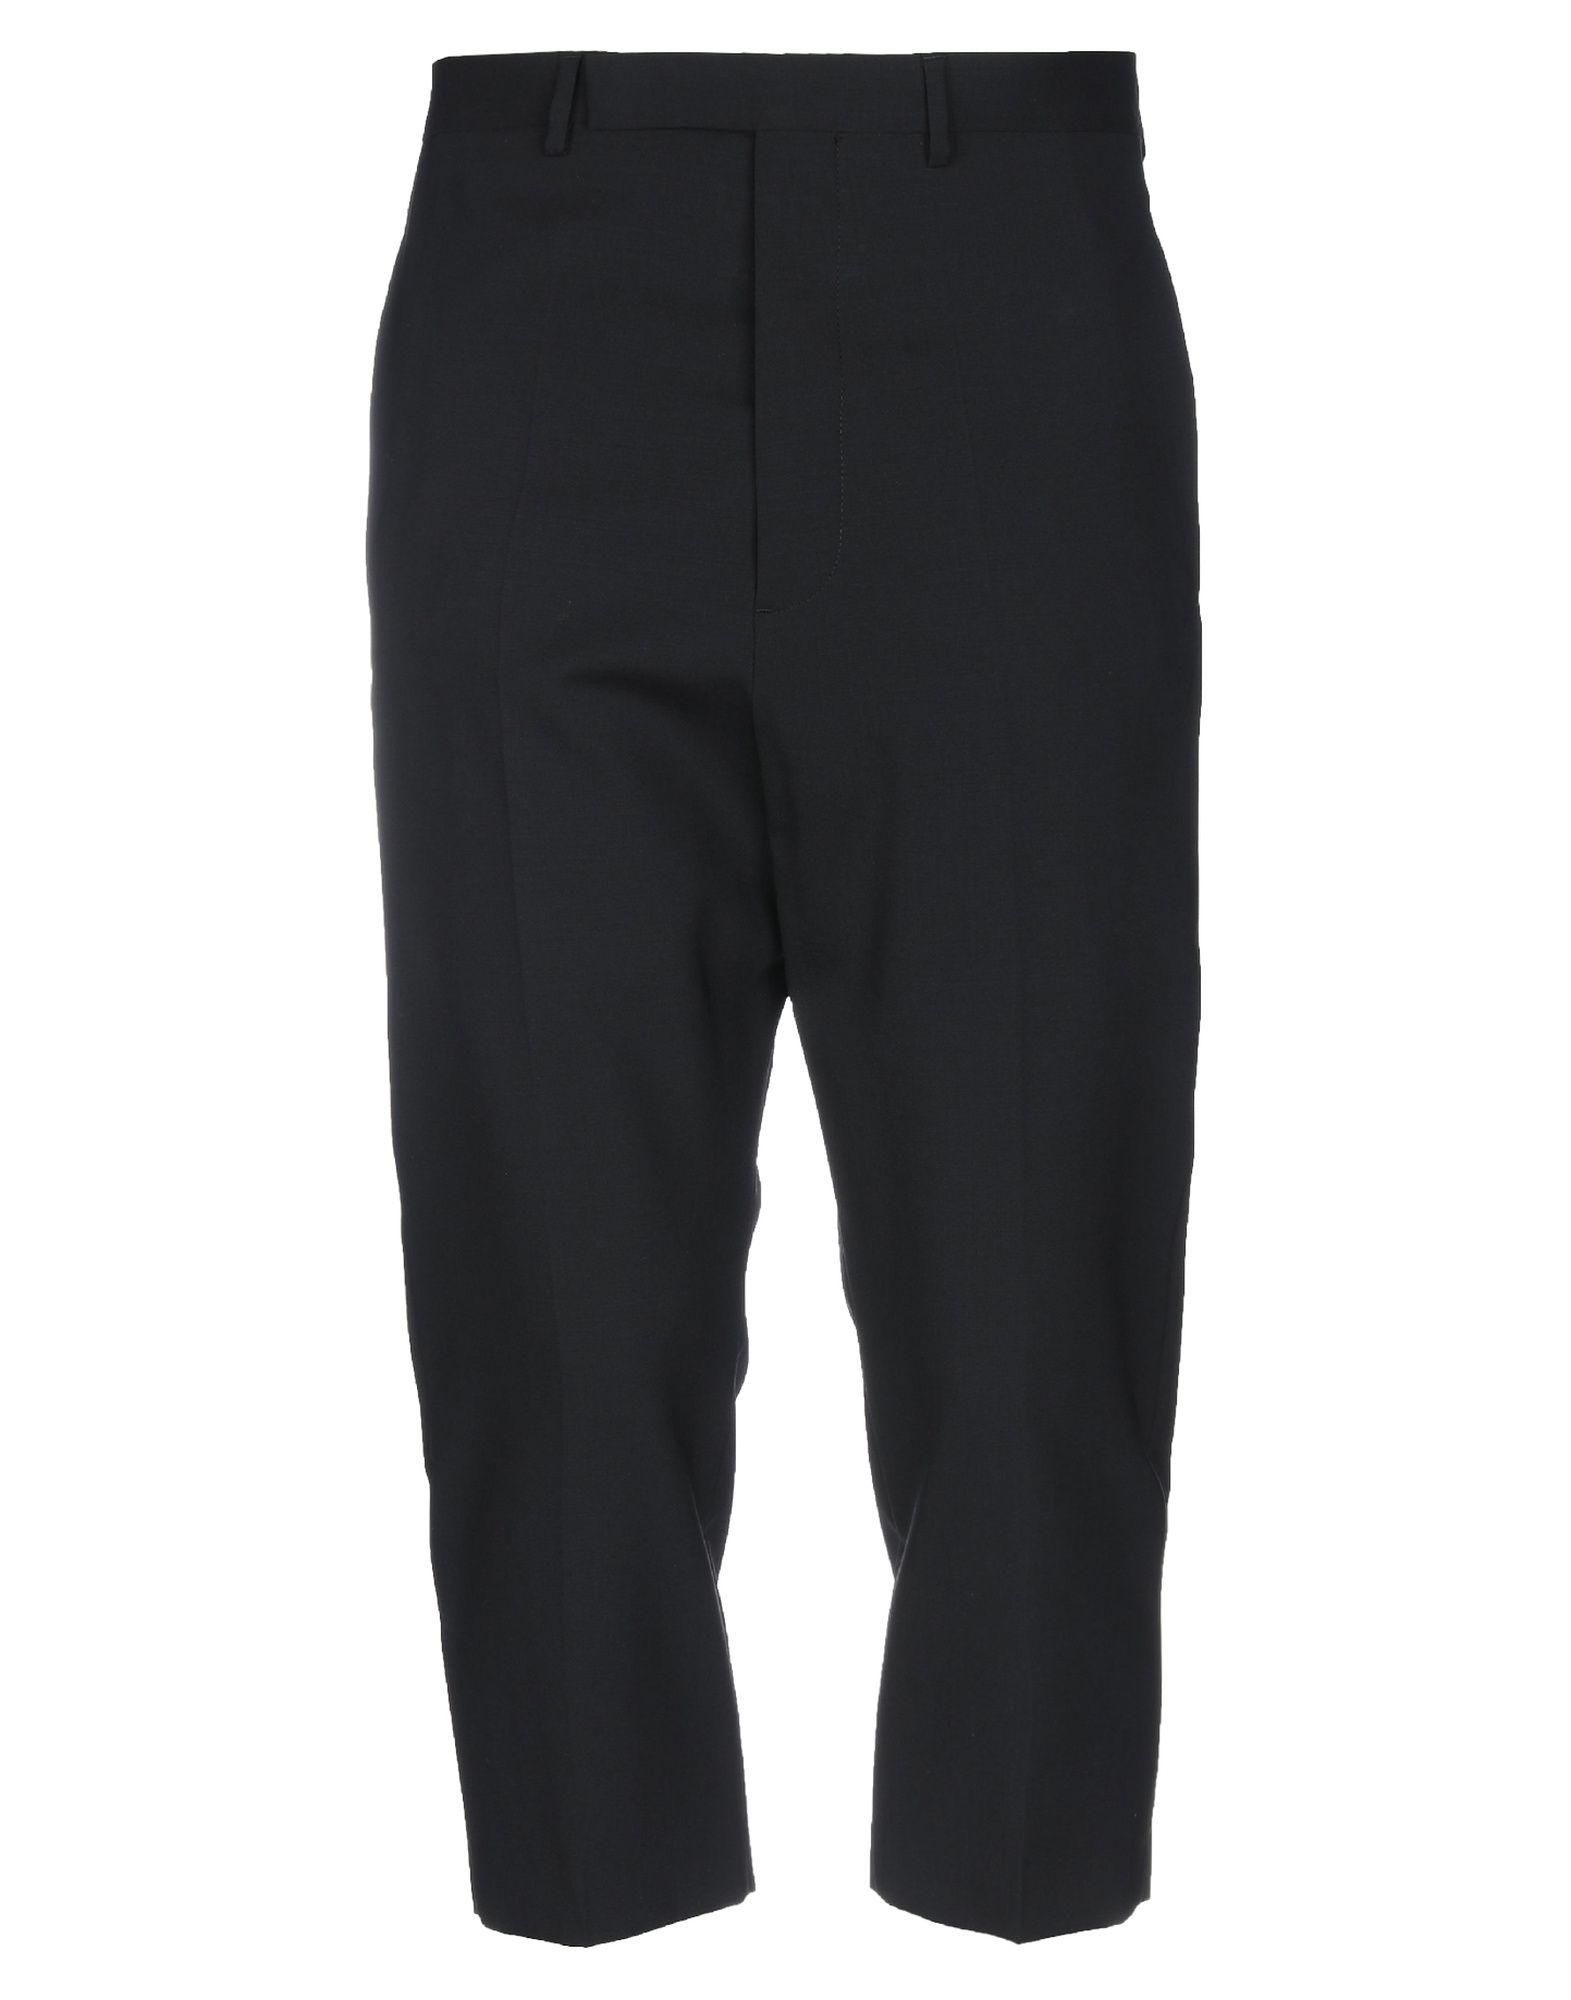 Pantalone Pantalone Classico Rick Owens uomo - 13328266TP  100% Passformgarantie